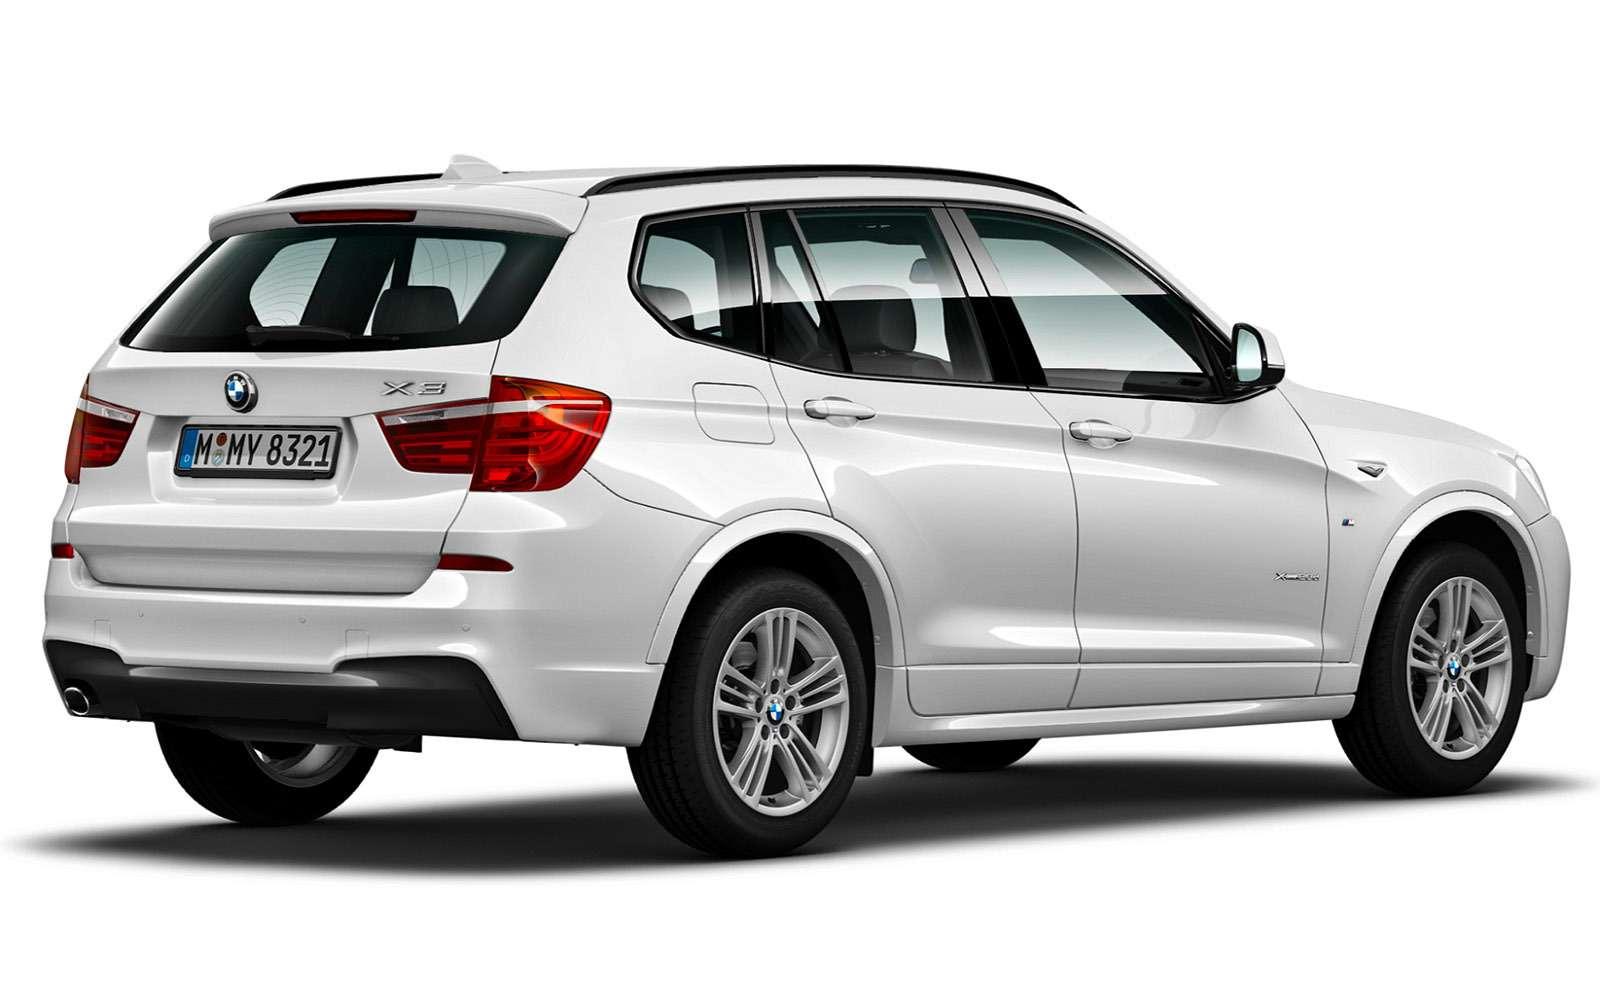 BMWX3второго поколения— список возможных проблем— фото 771807